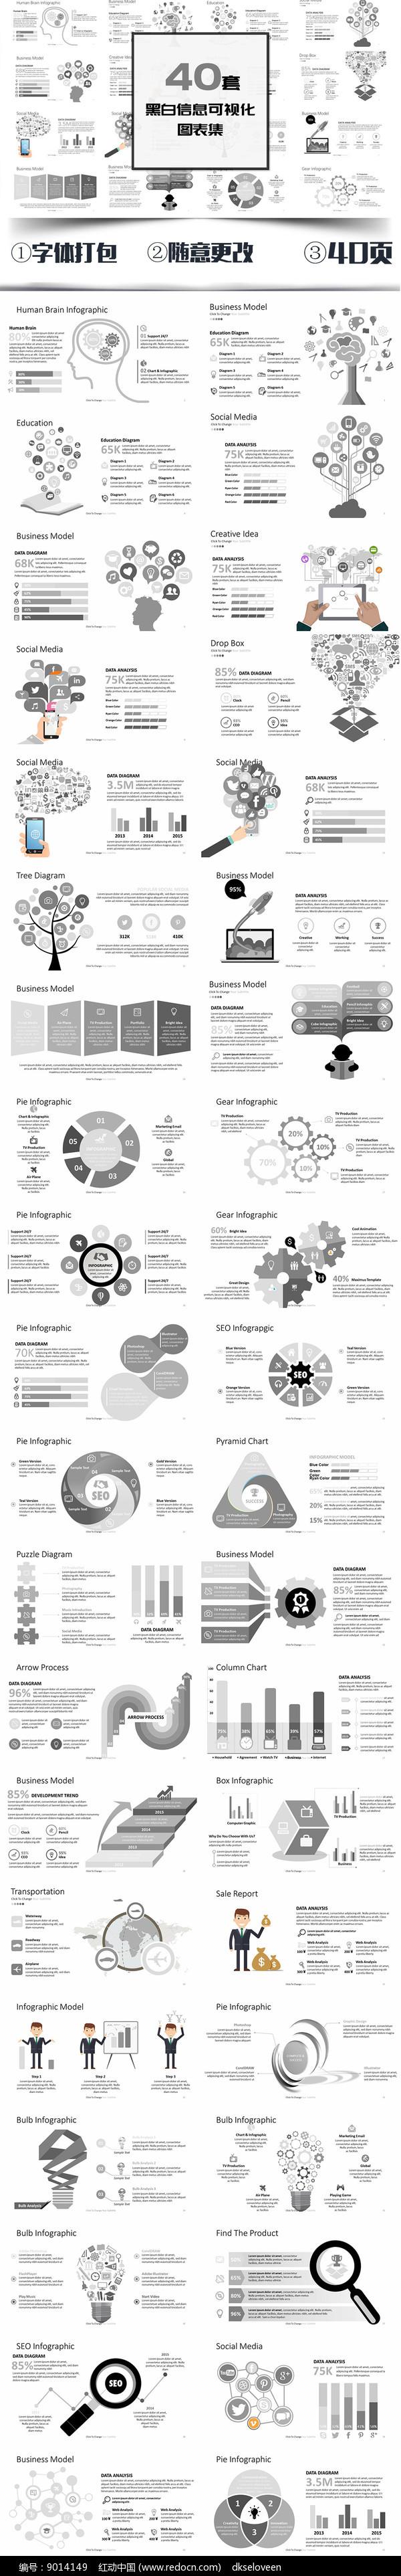 黑白信息可视化图表PPT图片